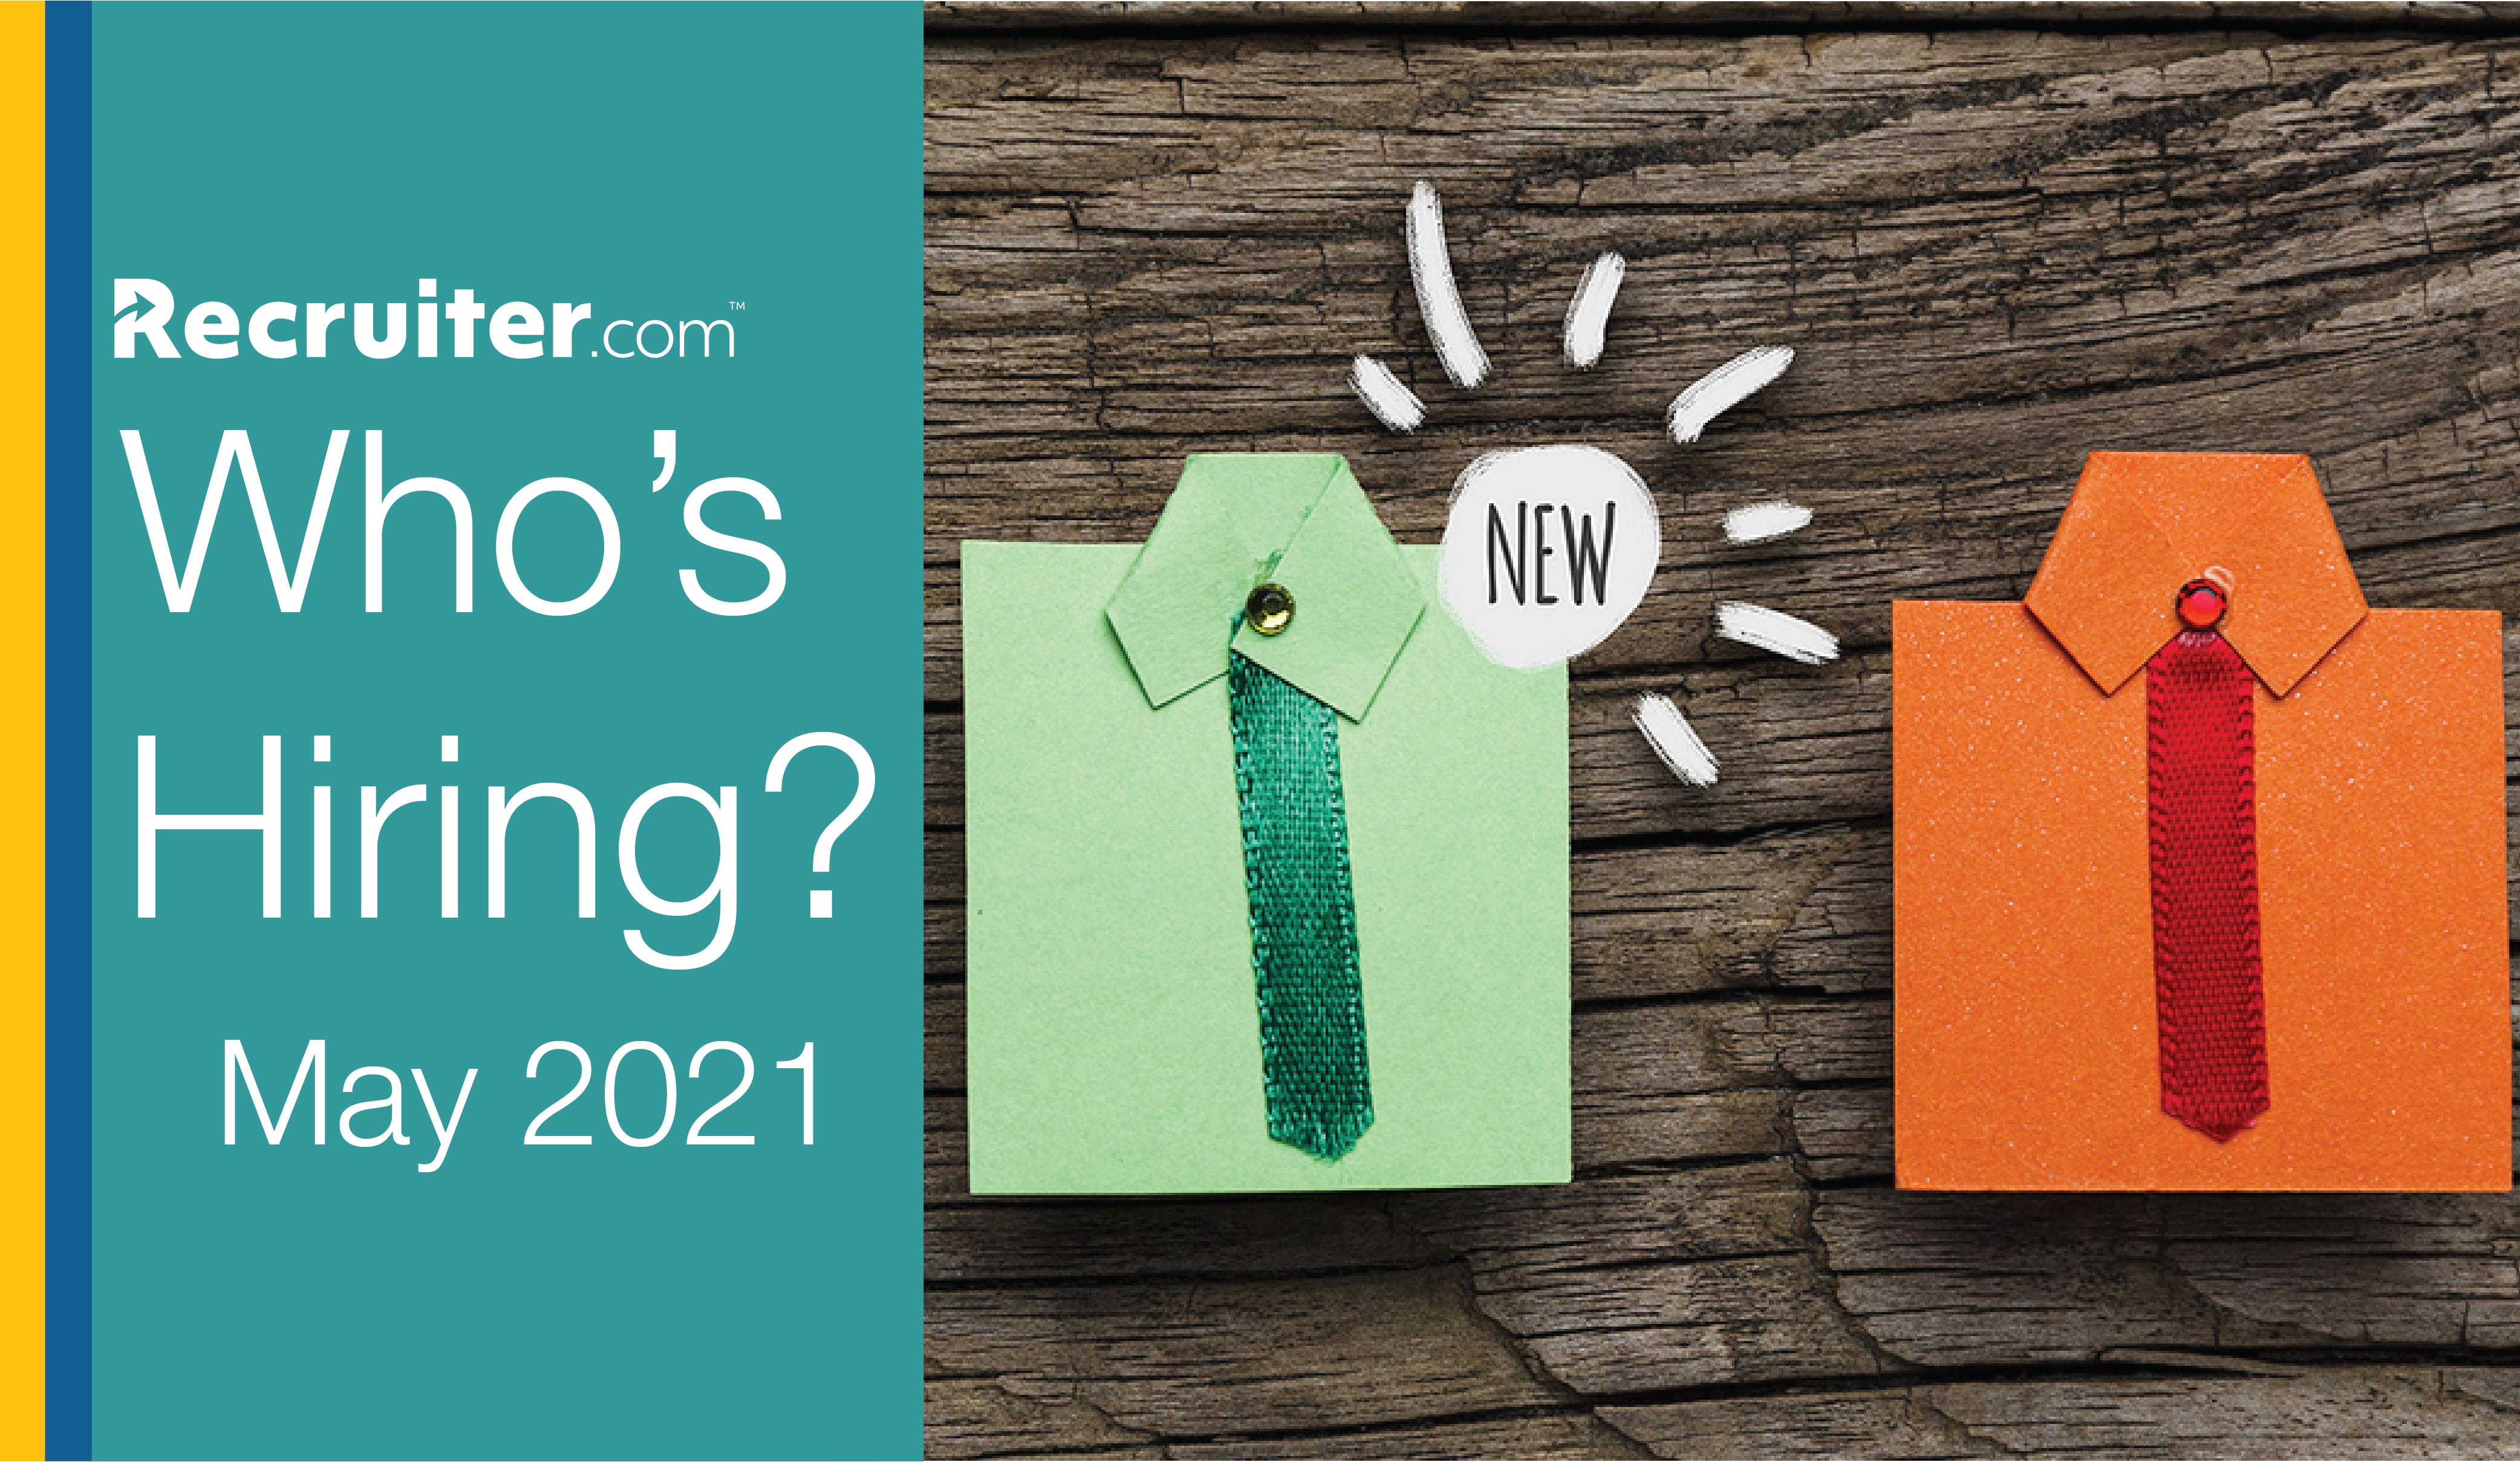 Companies Hiring May 2021